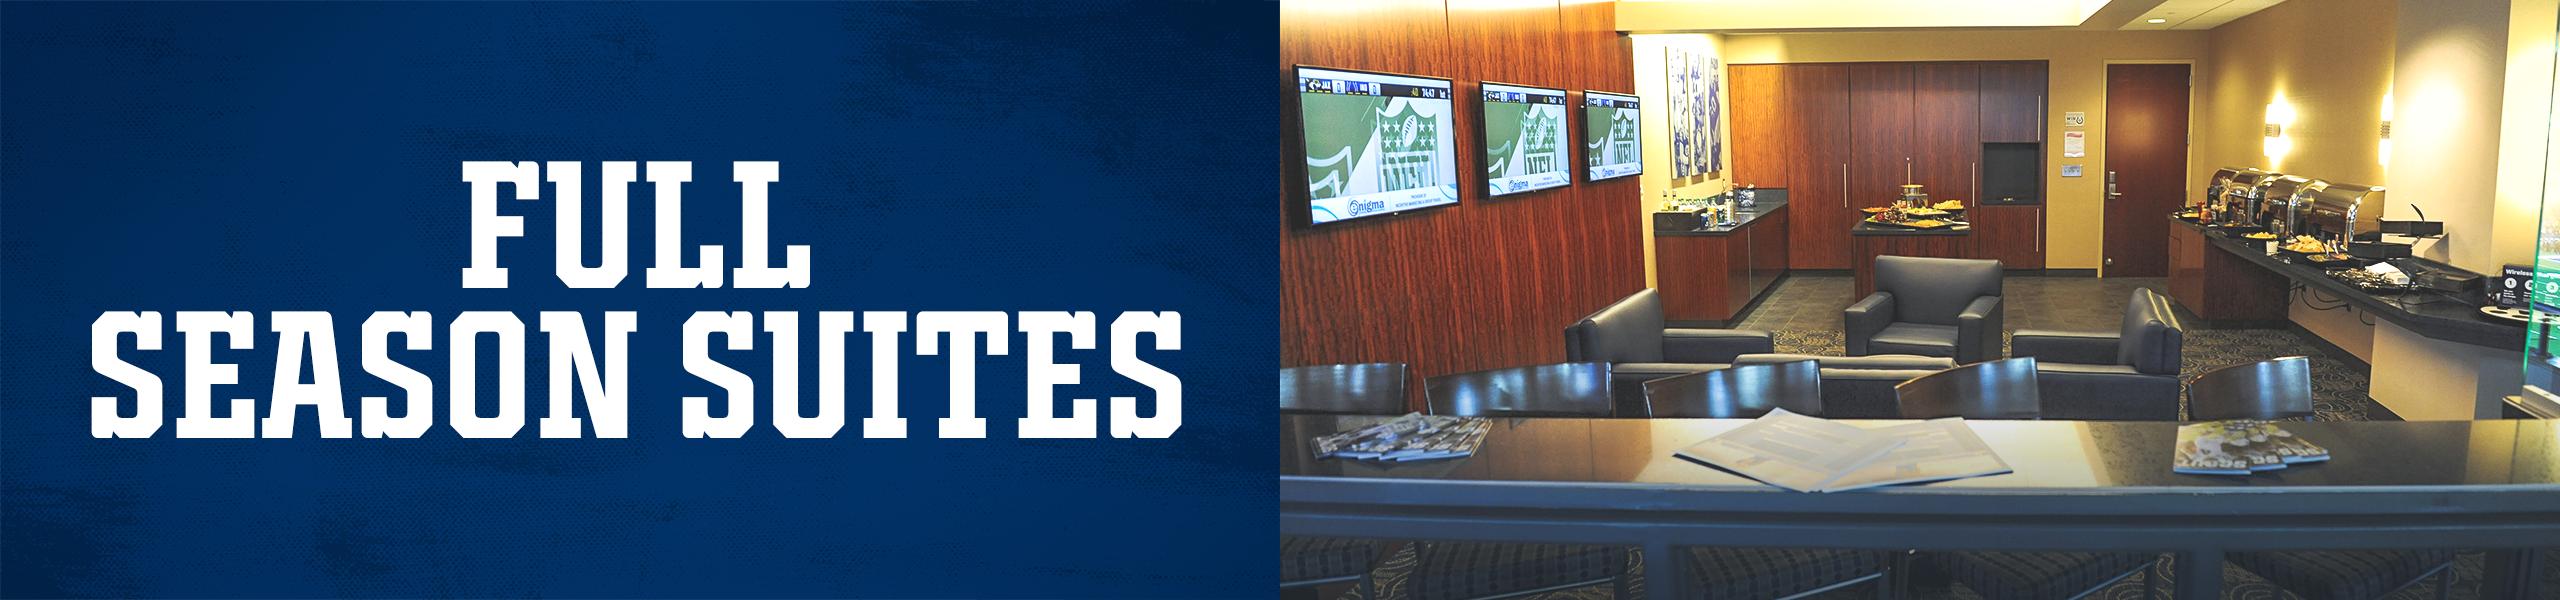 Indianapolis Colts Full Season Suites At Lucas Oil Stadium